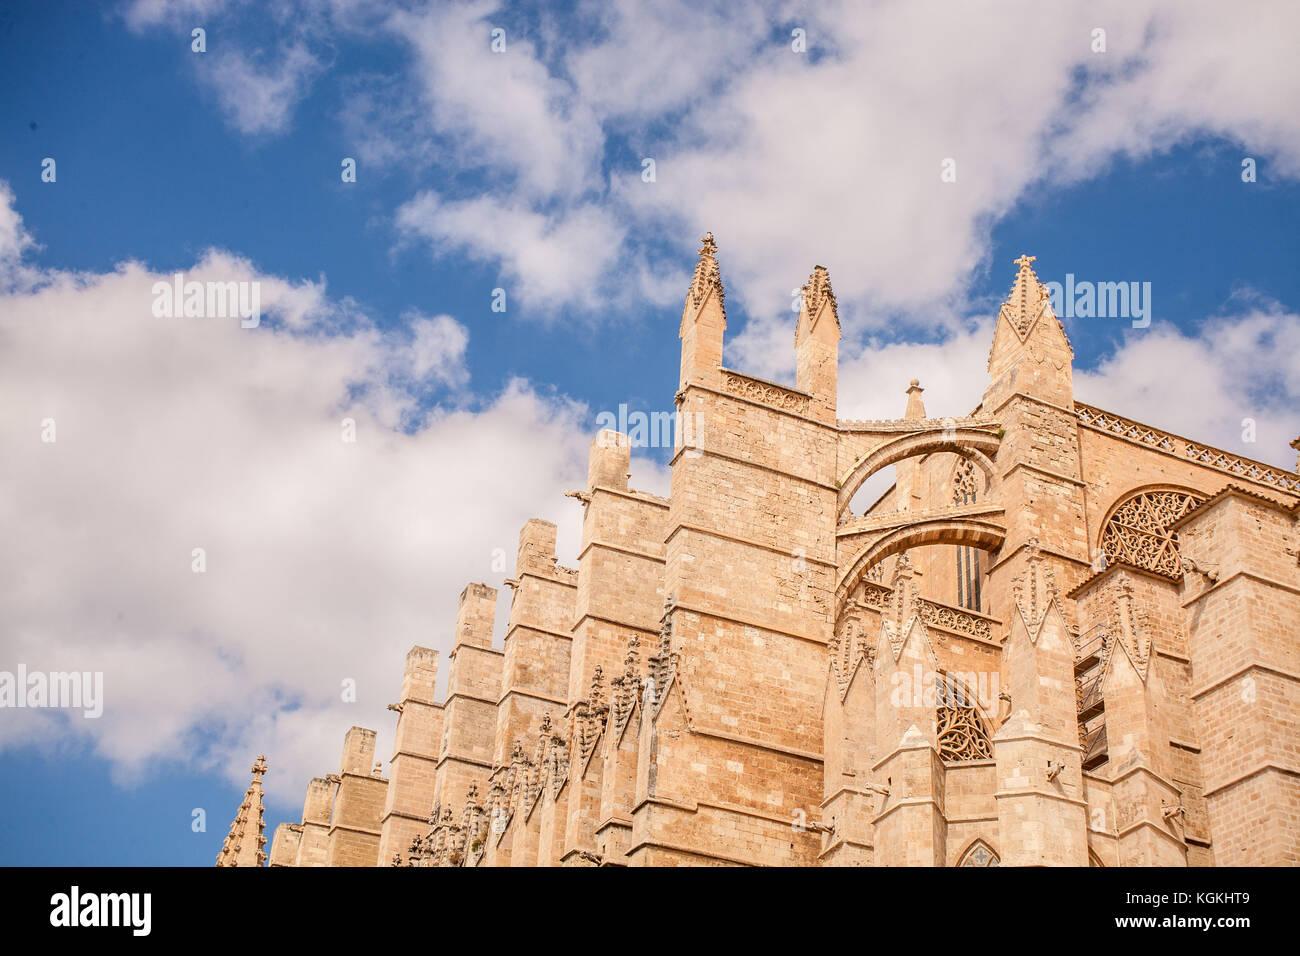 Catedral le seu de palma de mallorca, un destino turístico popular. Imagen De Stock